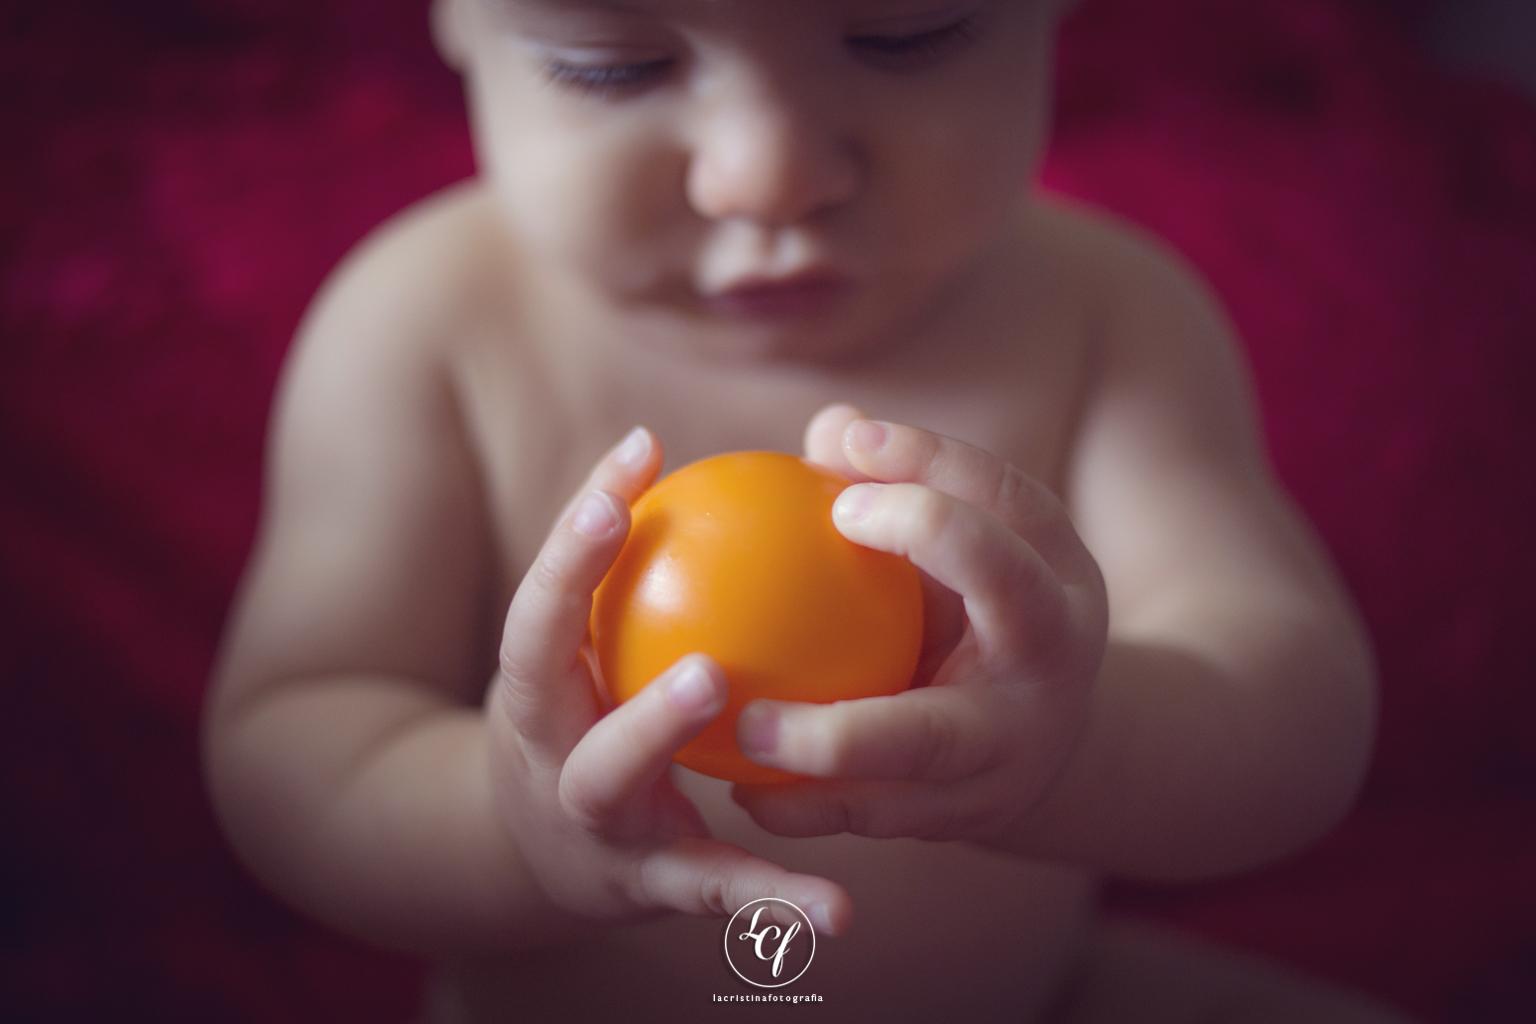 Fotografía infantil :: Fotografa bebés Barcelona :: Fotografía bebés Barcelona :: Fotografía Sant Sandurní de noia bebés :: Fotografa familiar :: Fotografía familiar